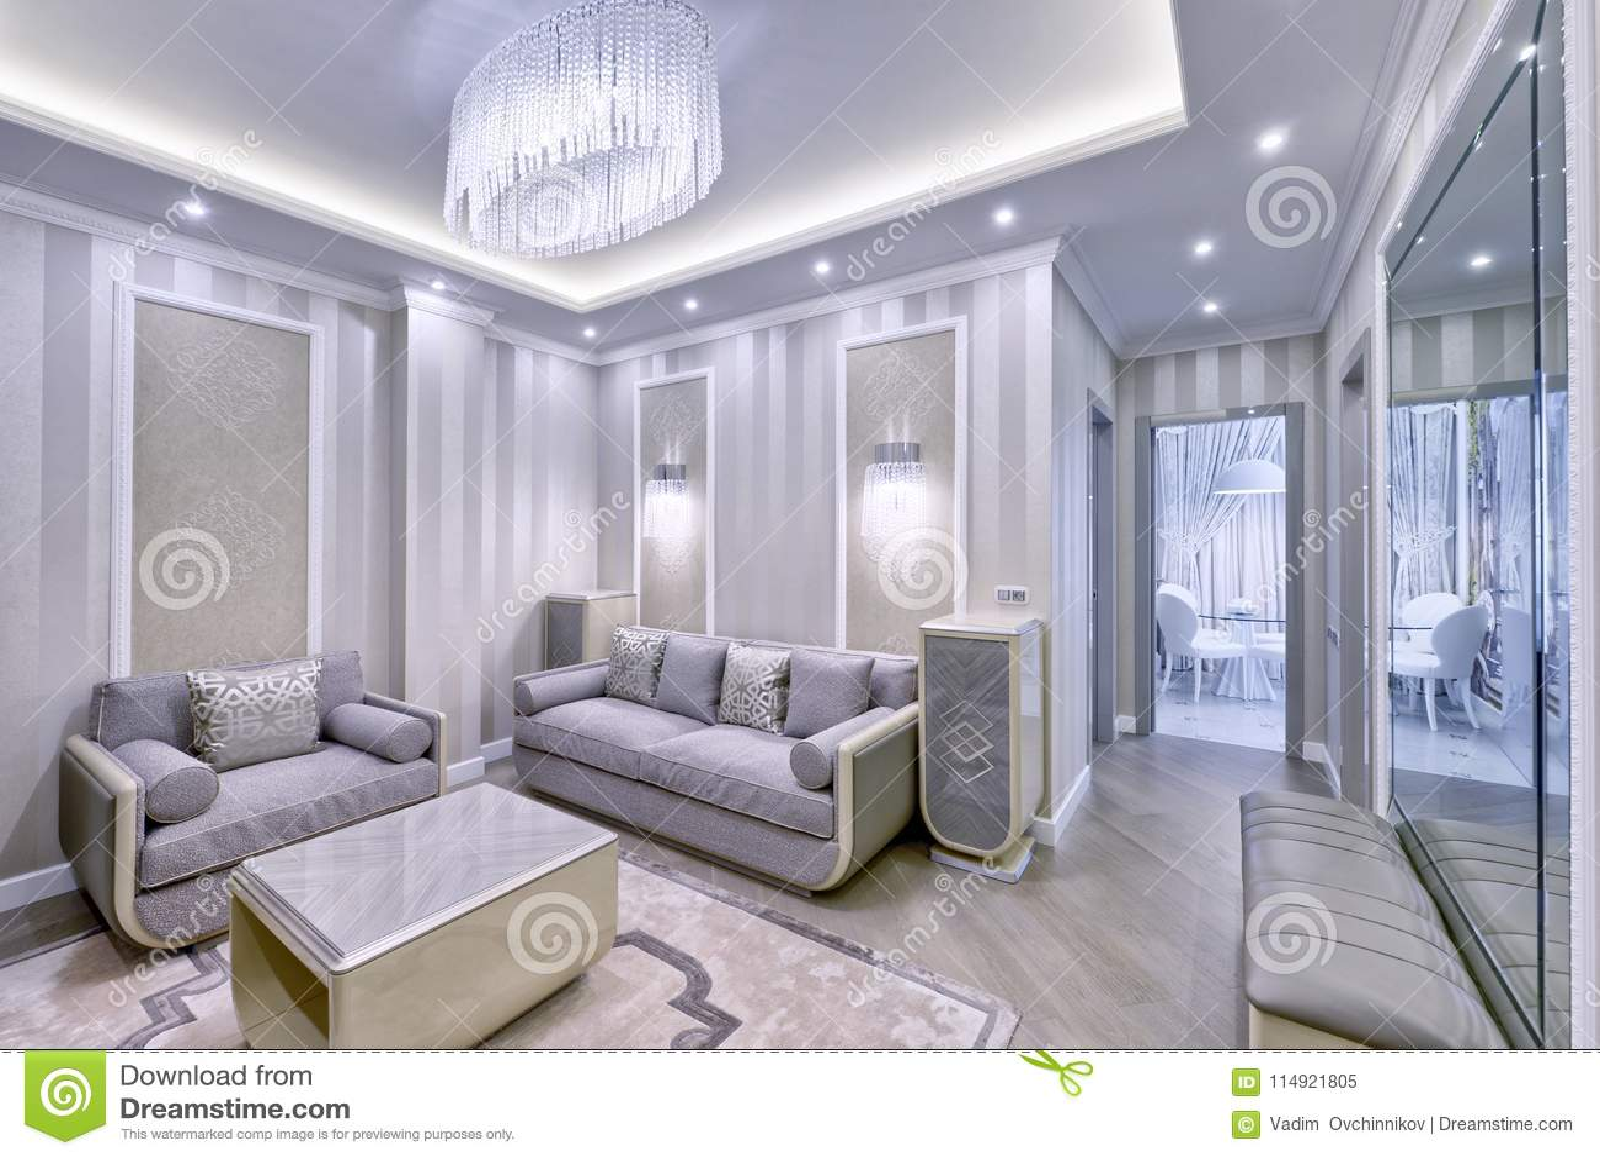 Interni Casa Grigio : Interno del salone in casa moderna immagine stock immagine di